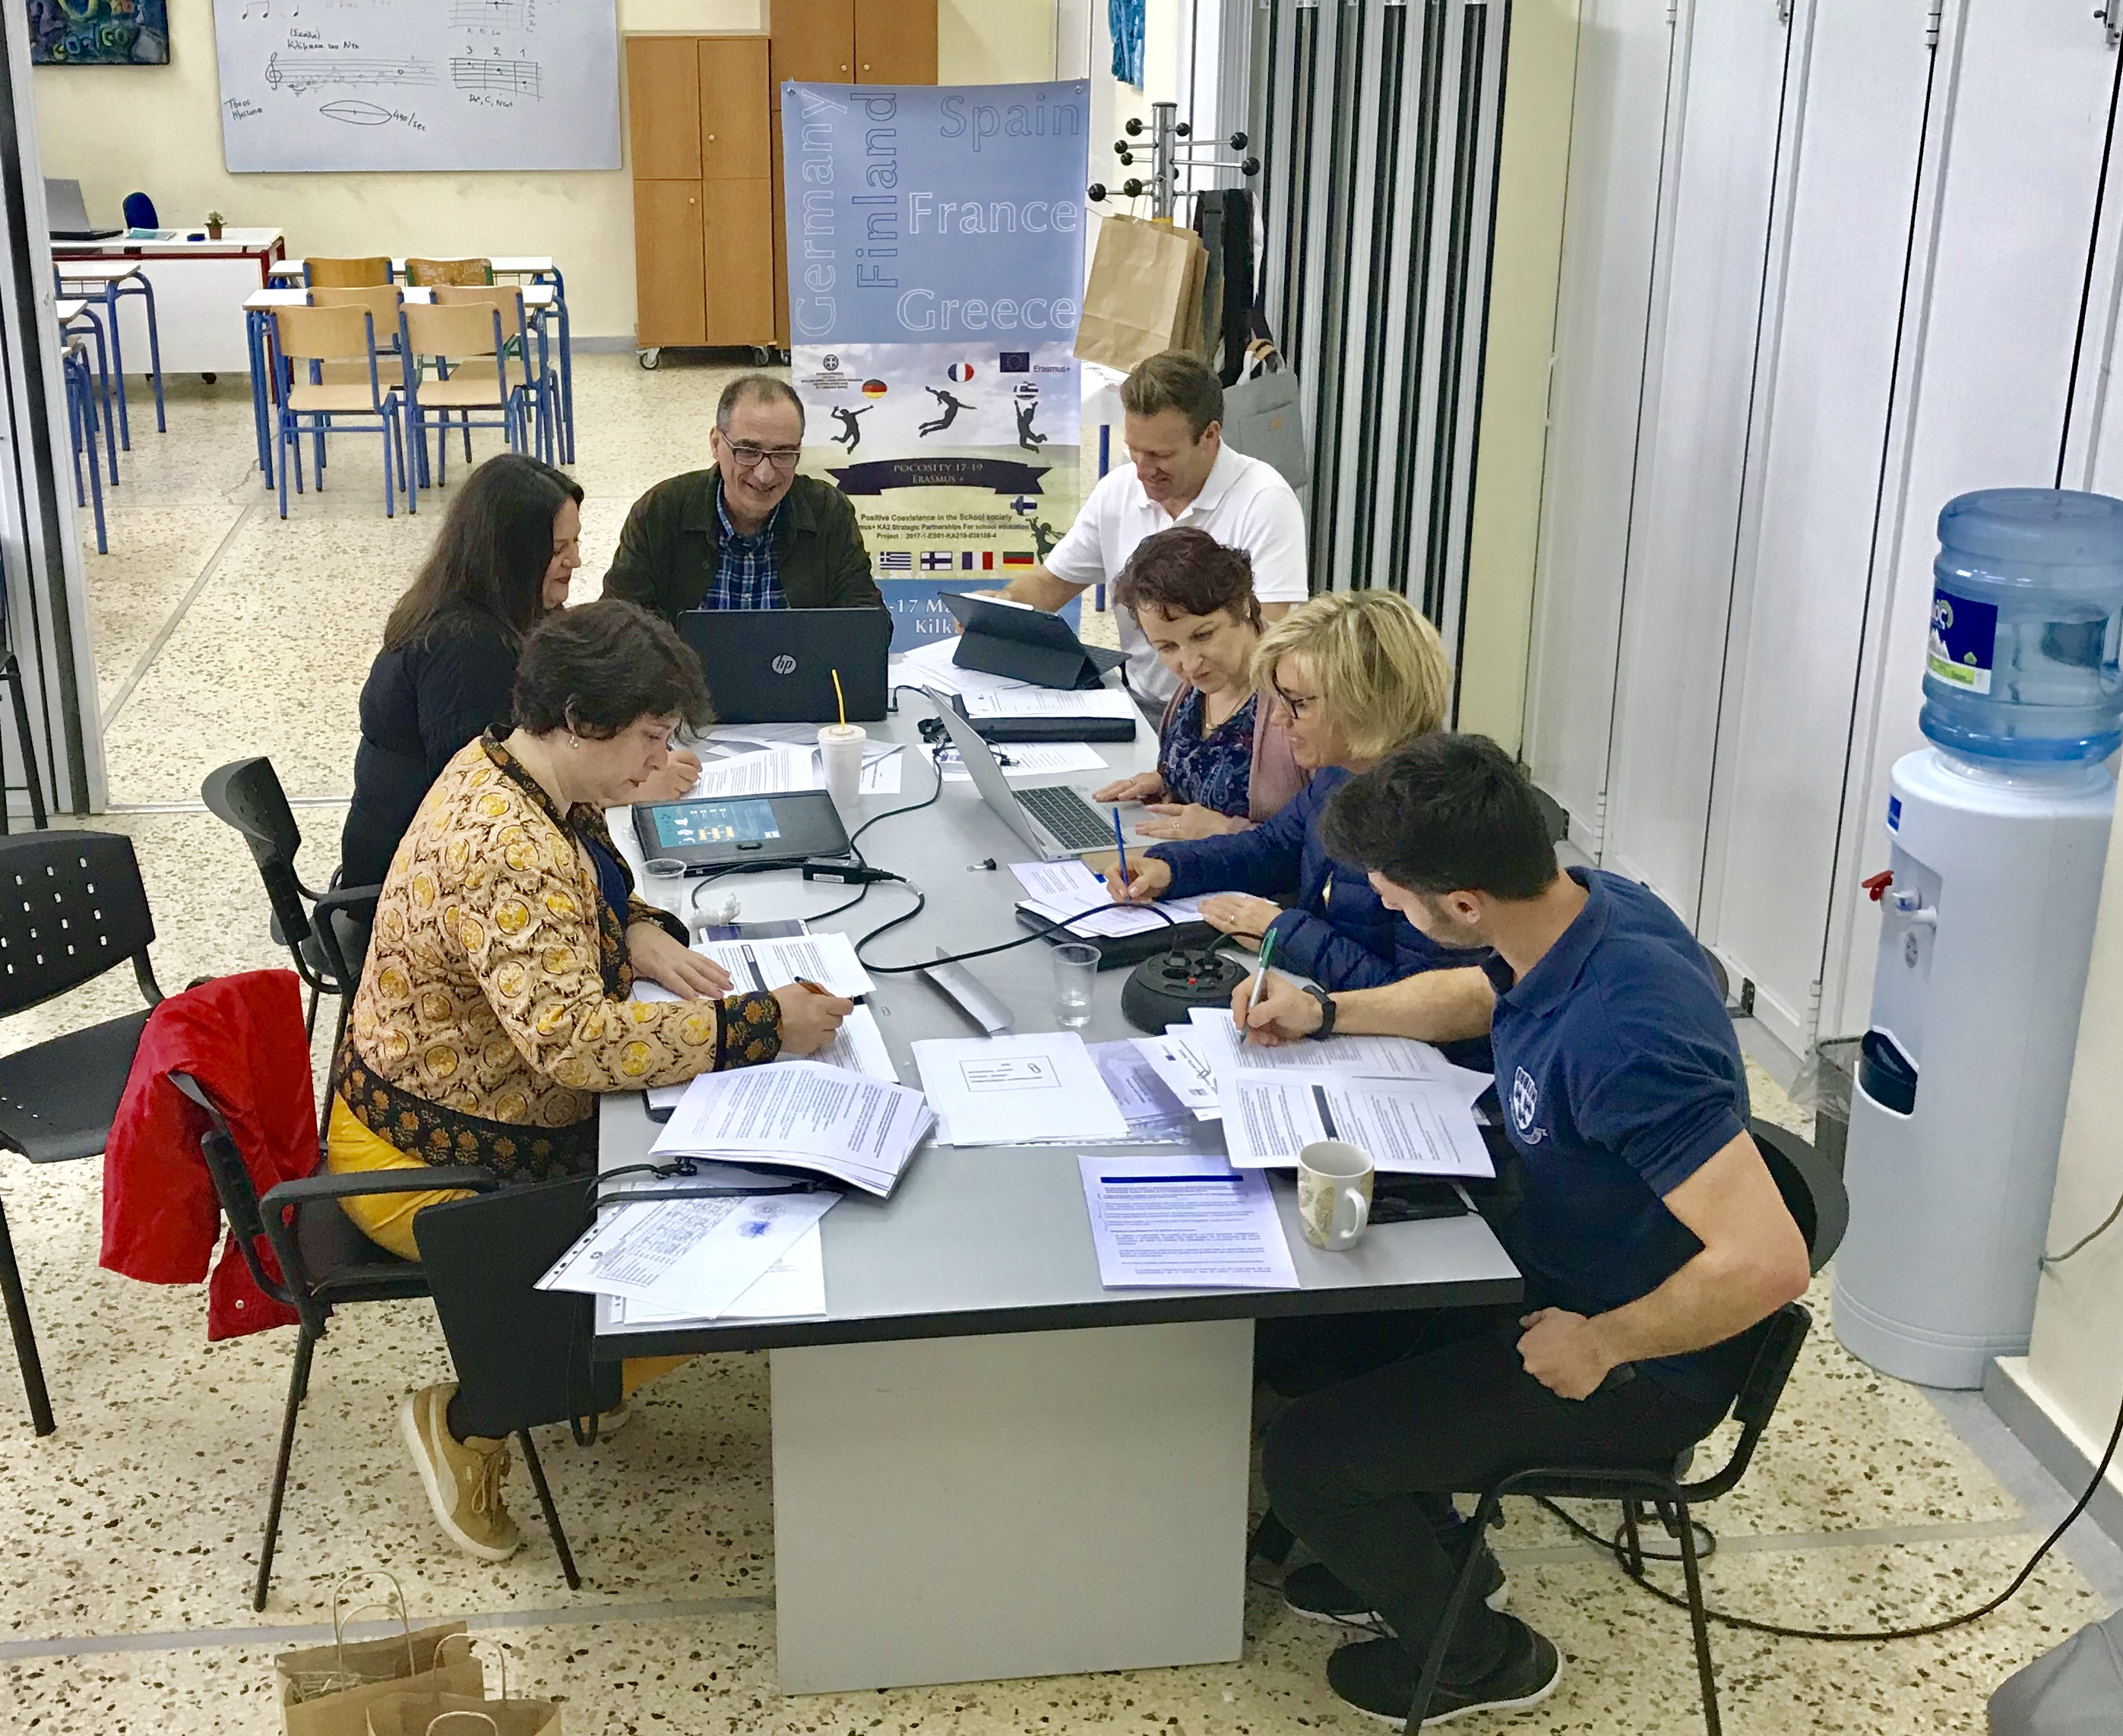 Encuentro de ErasmusPlus en Grecia por la Convivencia Positiva